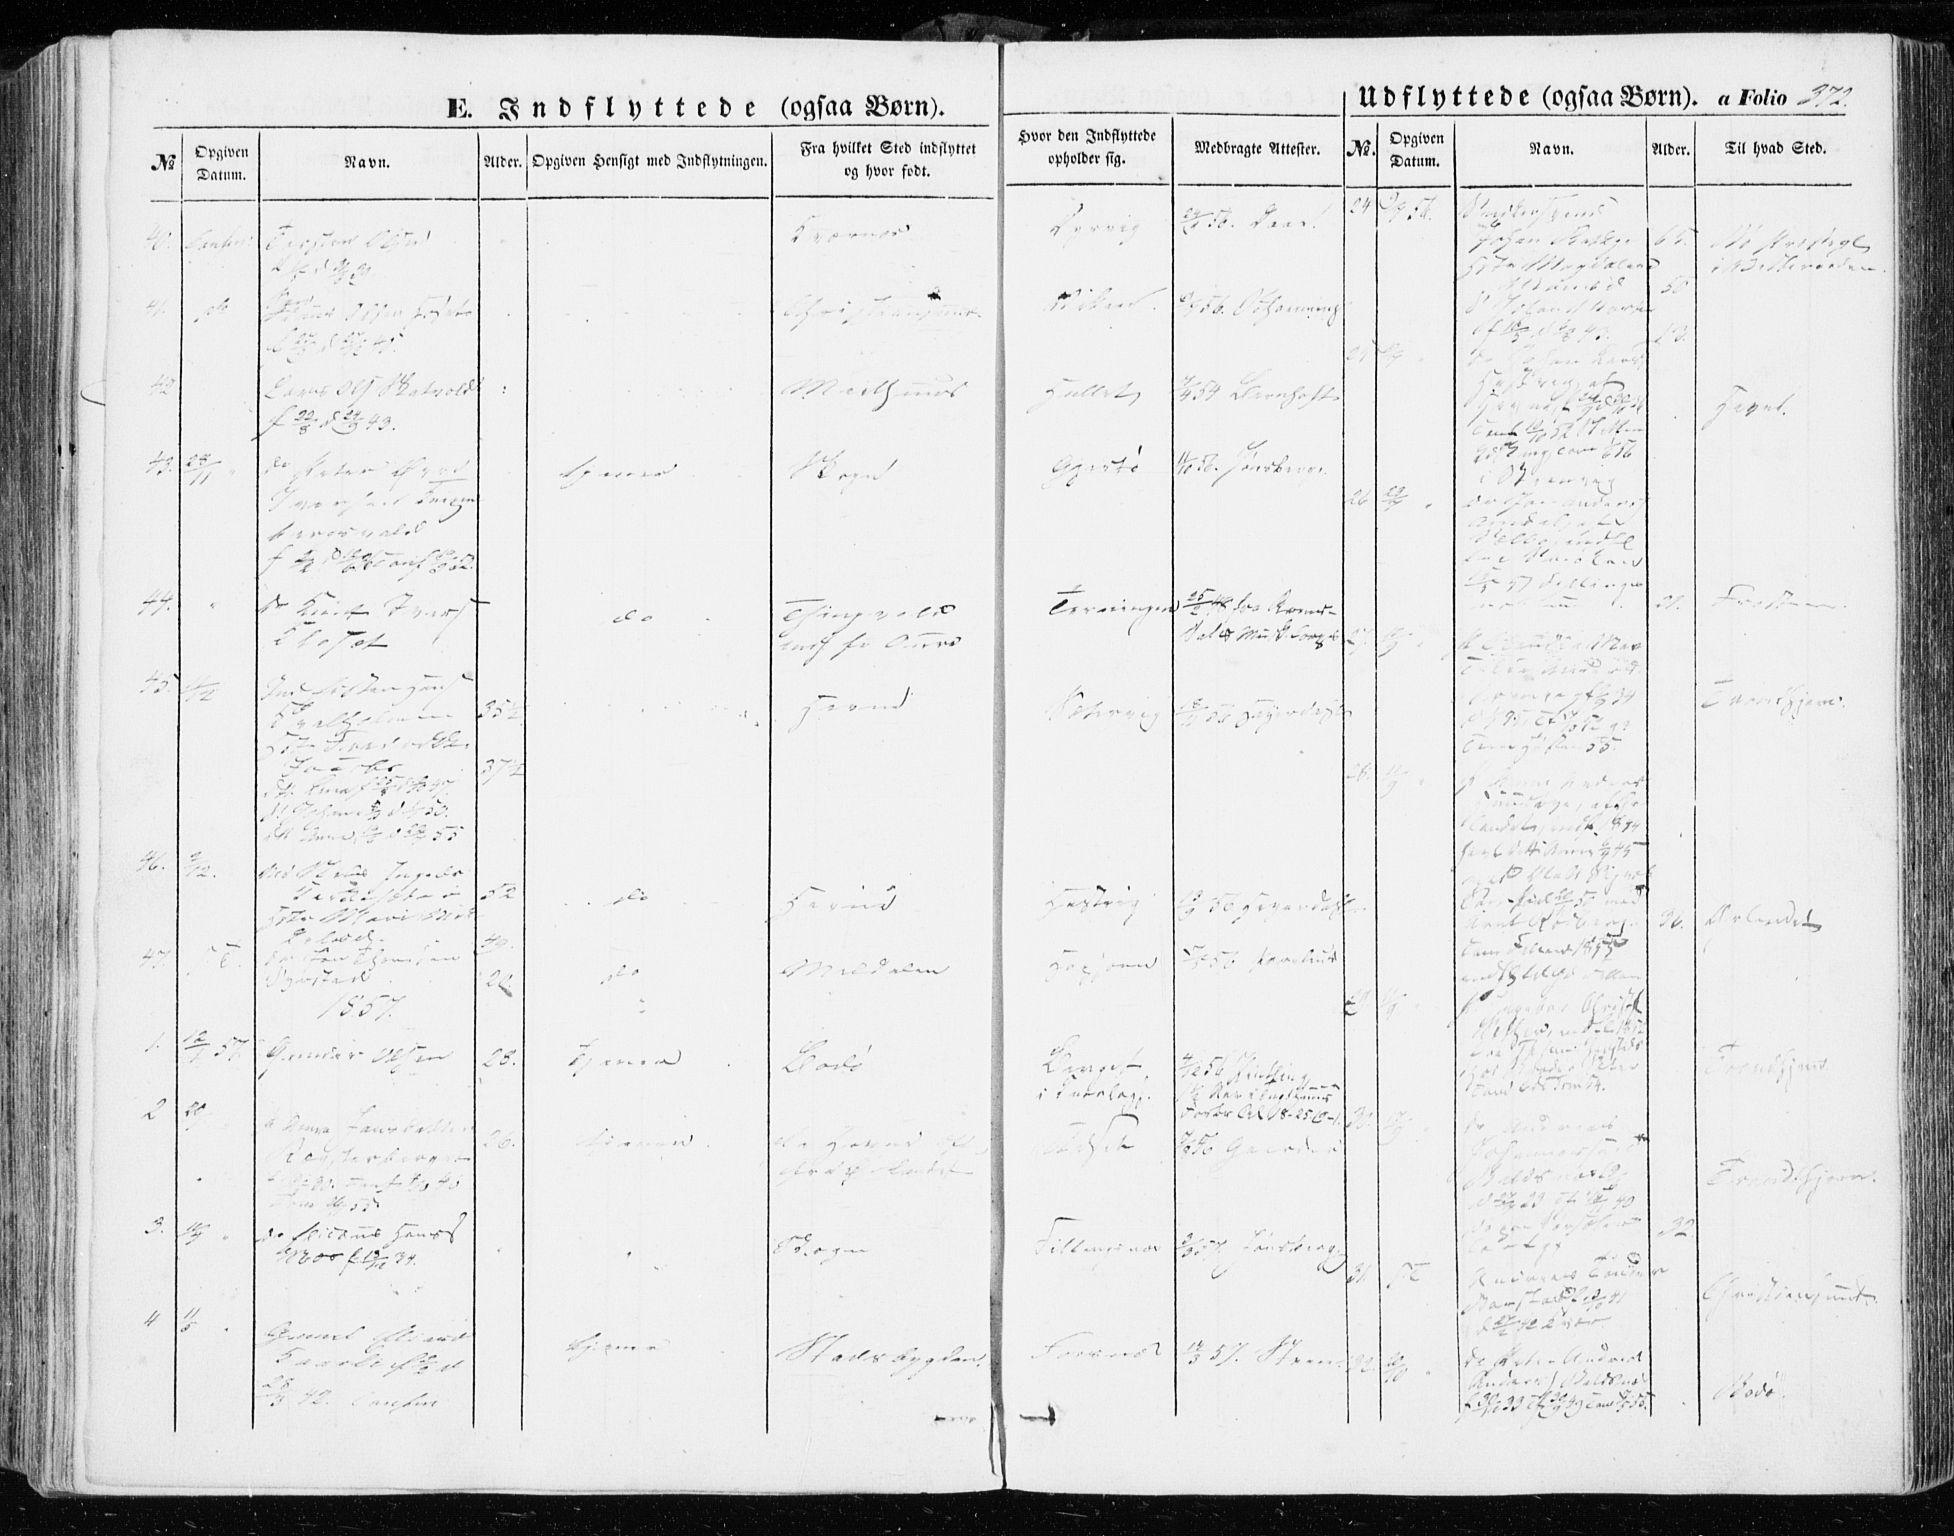 SAT, Ministerialprotokoller, klokkerbøker og fødselsregistre - Sør-Trøndelag, 634/L0530: Ministerialbok nr. 634A06, 1852-1860, s. 372